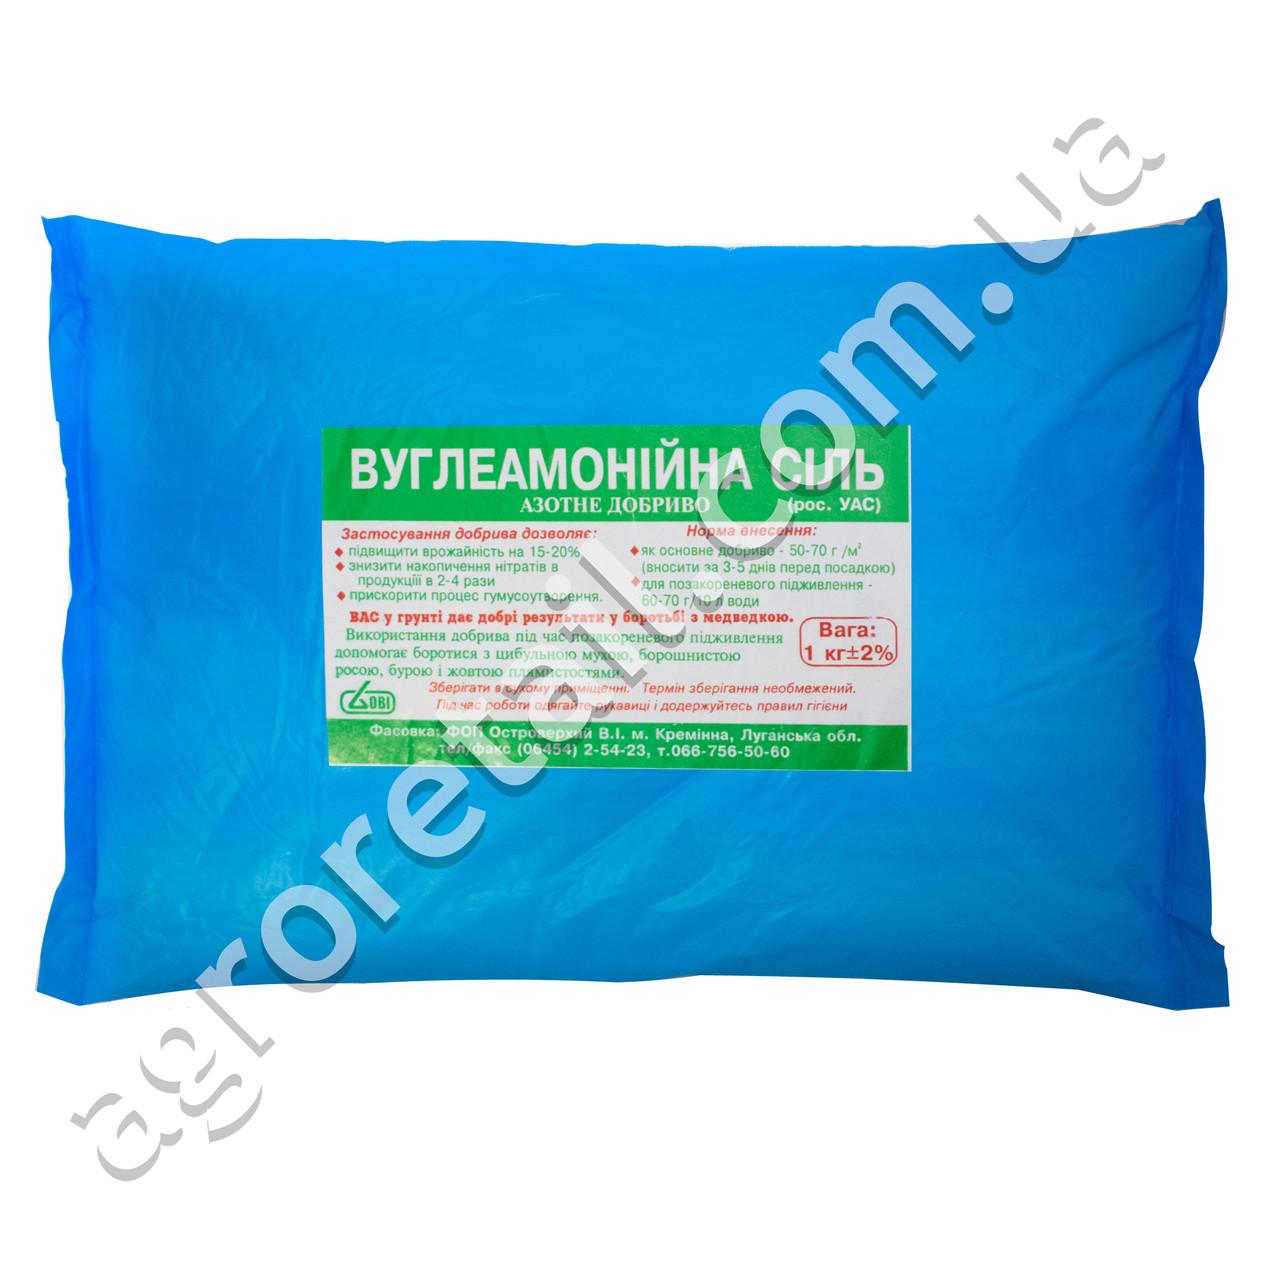 Удобрение Углеаммонийная соль 1 кг: продажа, цена в ...